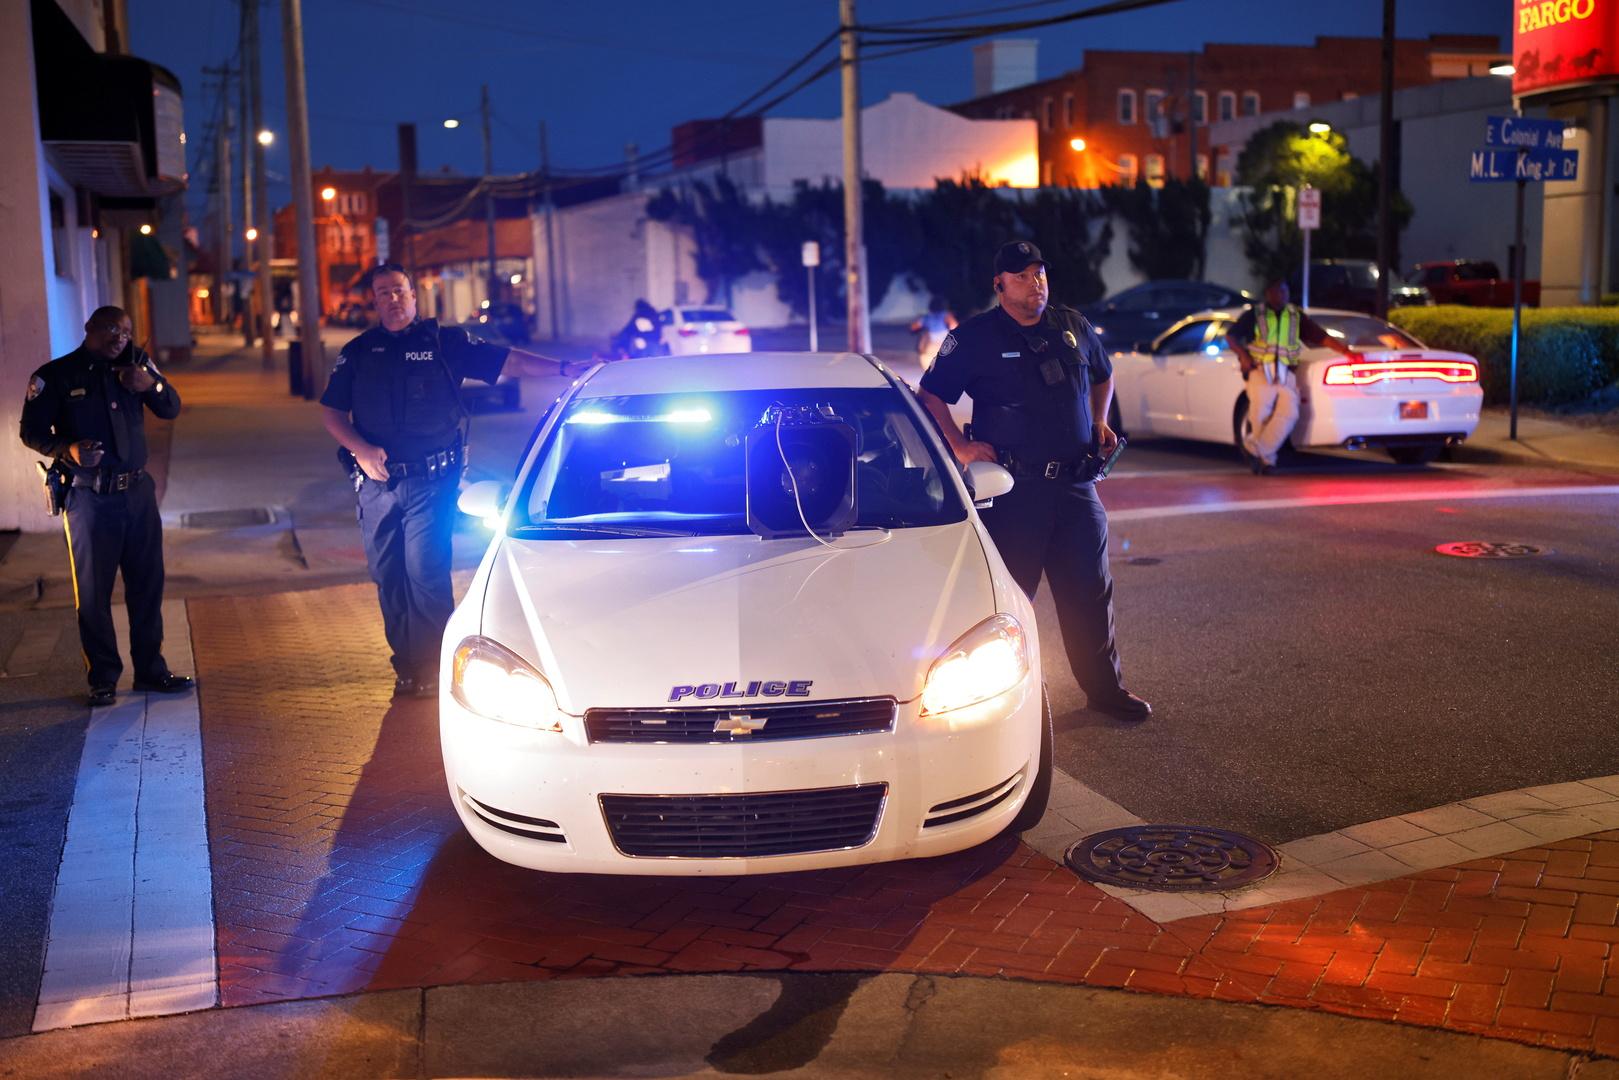 مقتل سبعة أشخاص بإطلاق للنار في حفل عيد ميلاد في كولورادو الأمريكية